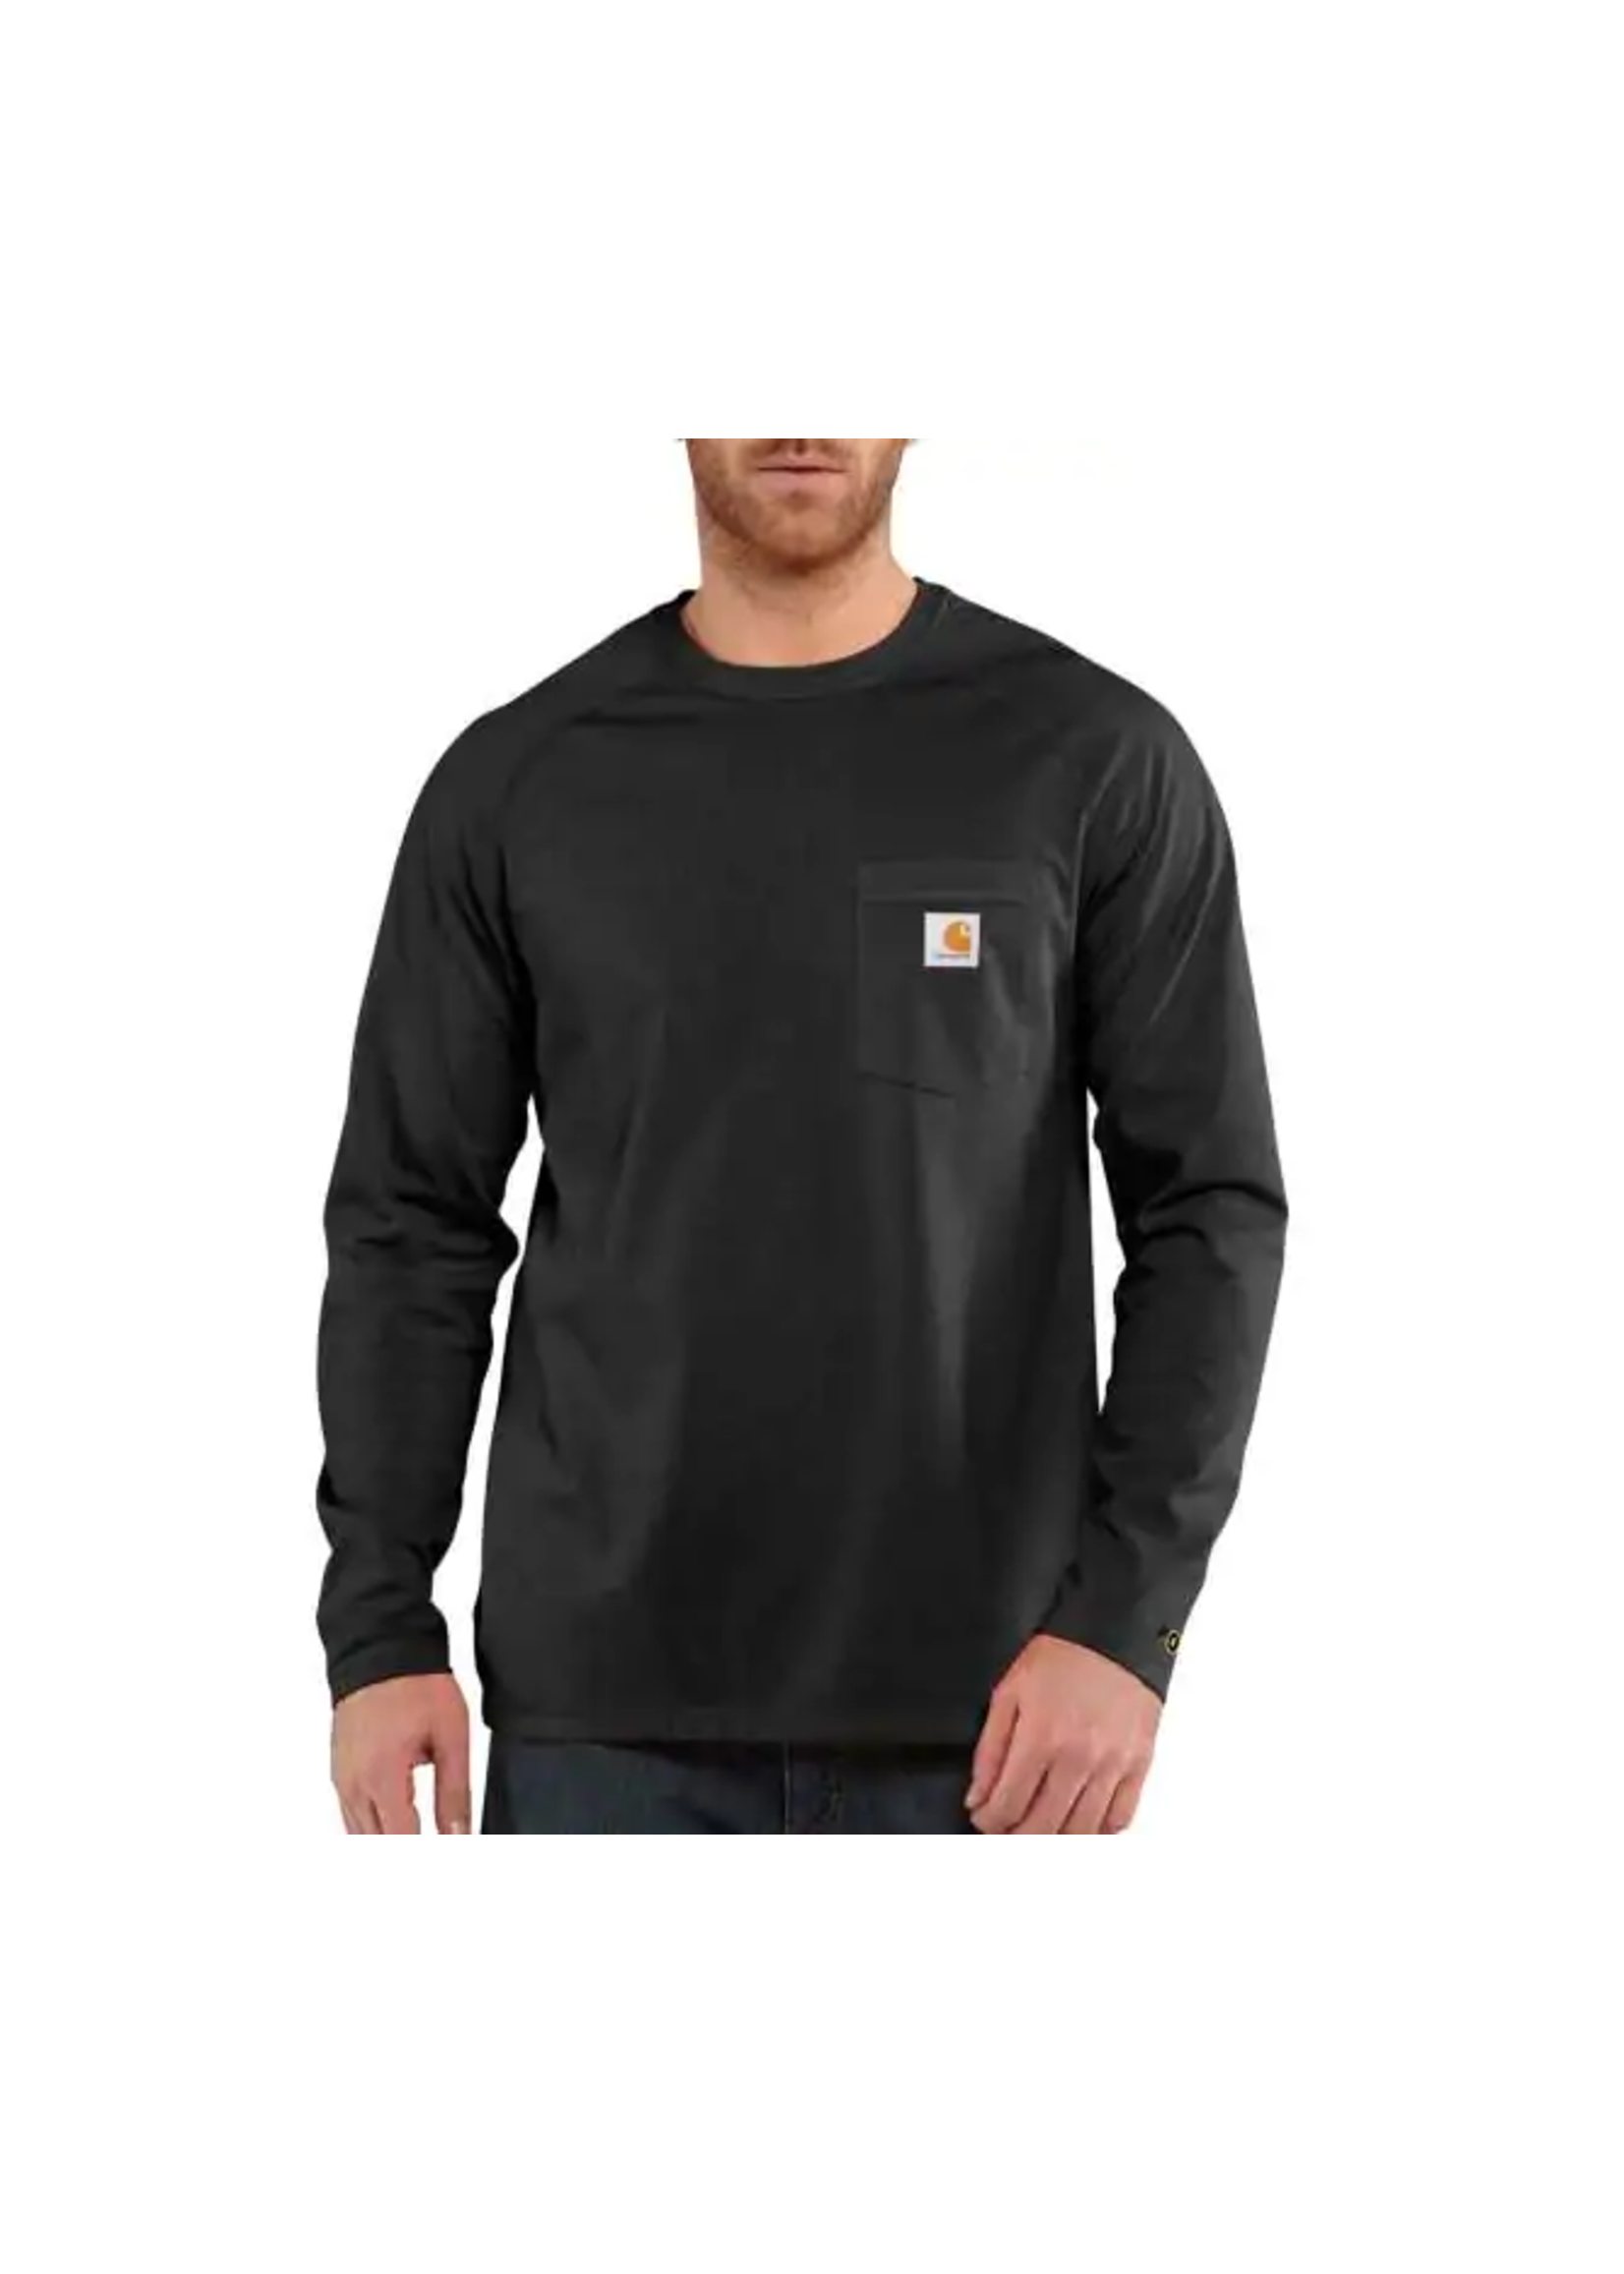 Carhartt Tall - Carhartt Force® Cotton Delmont Long-Sleeve T-Shirt